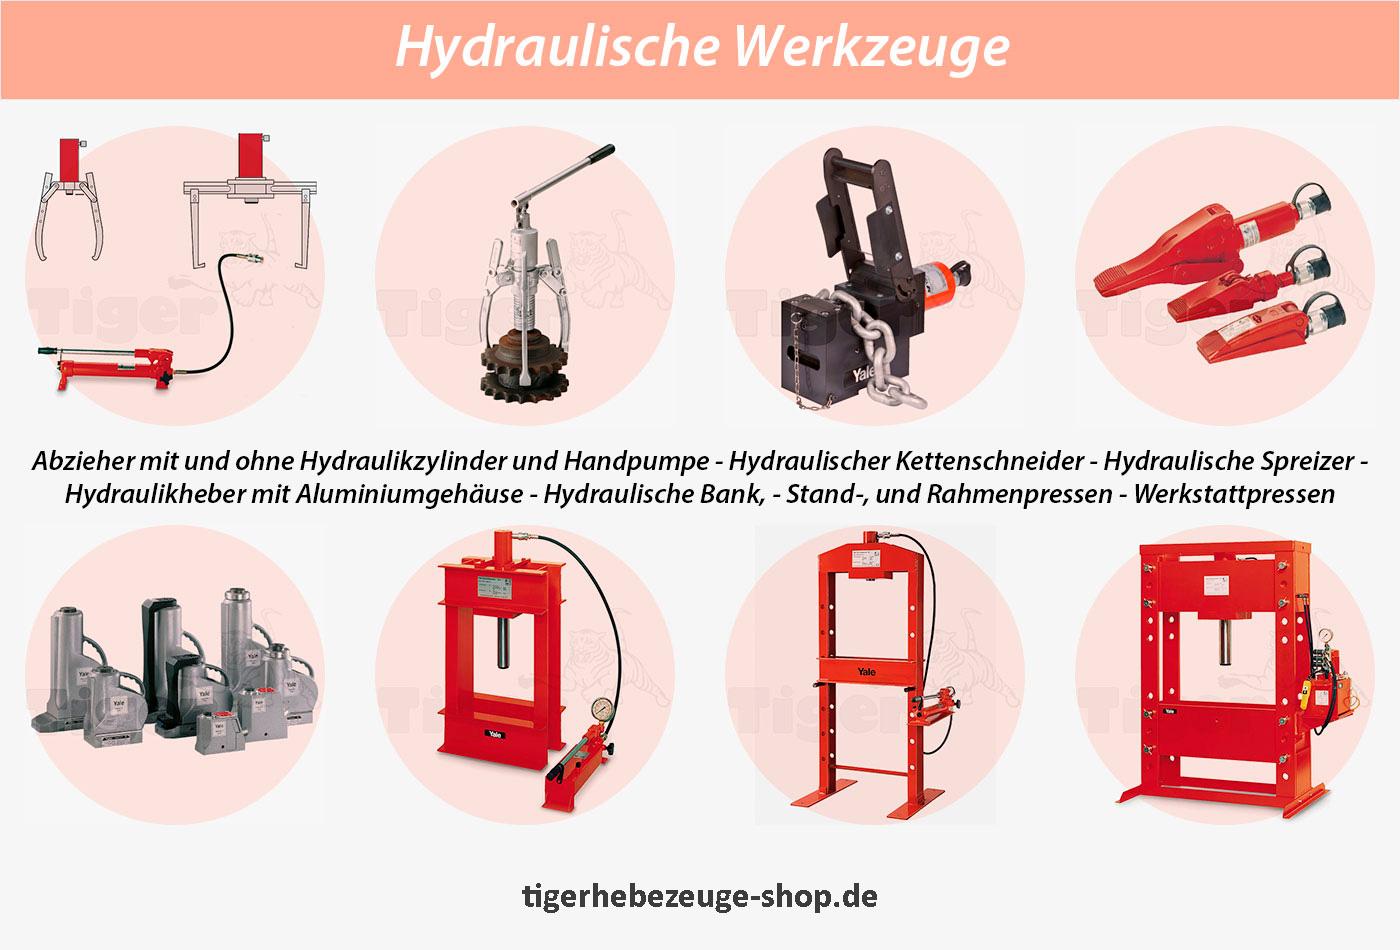 Hydraulik Werkzeuge Pressen